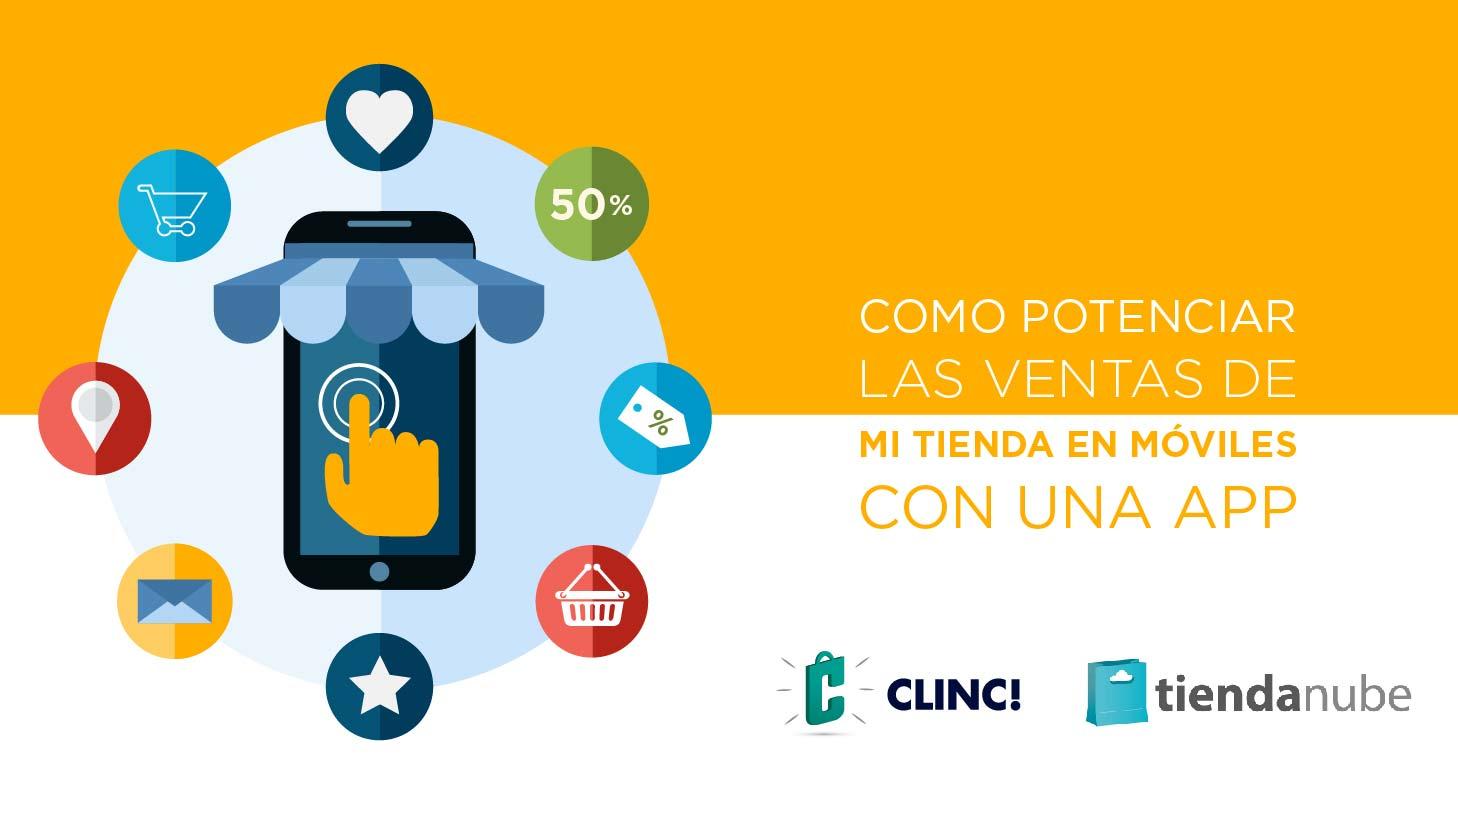 Empieza a vender a través de móviles con CLINC!